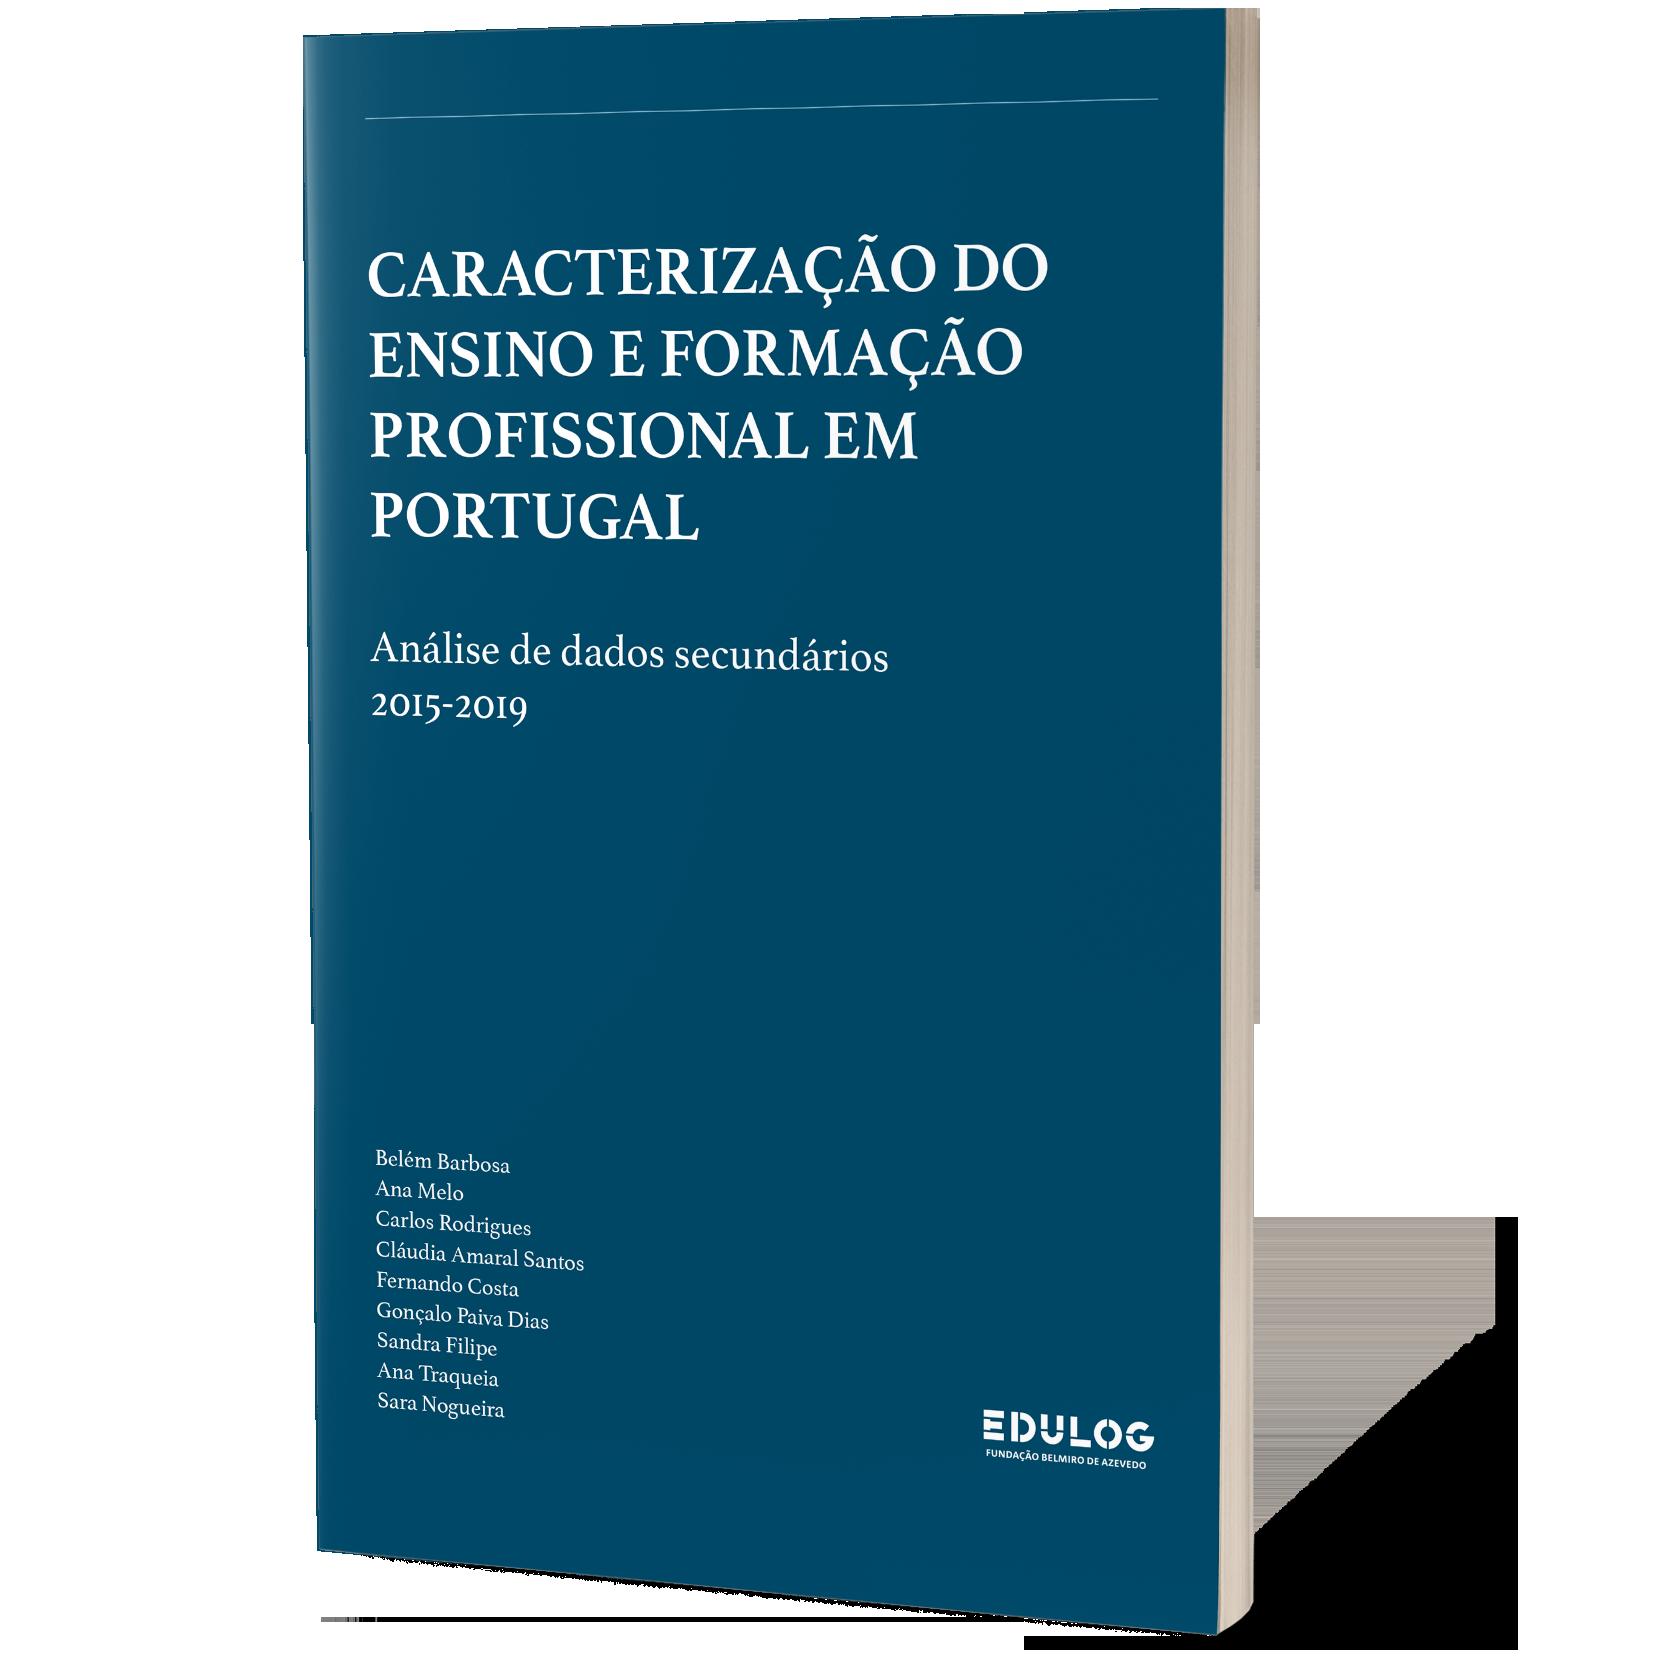 Caracterização do Ensino e Formação Profissional em Portugal